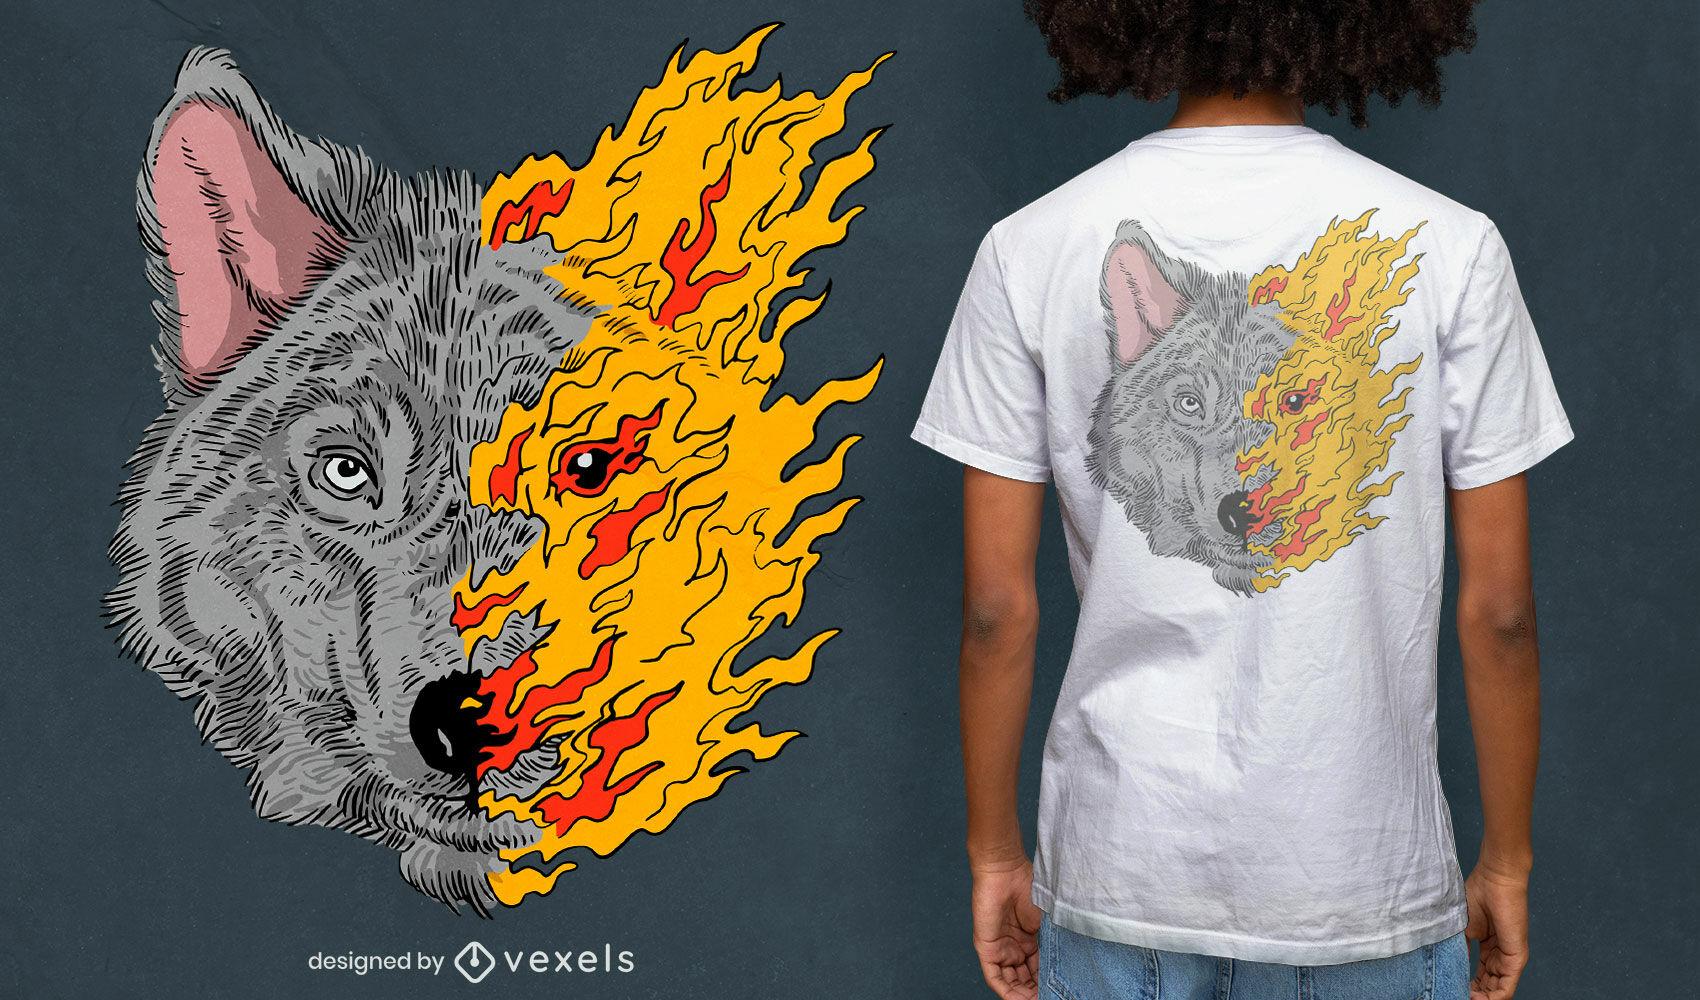 Desenho de t-shirt com metade do rosto de lobo em chamas